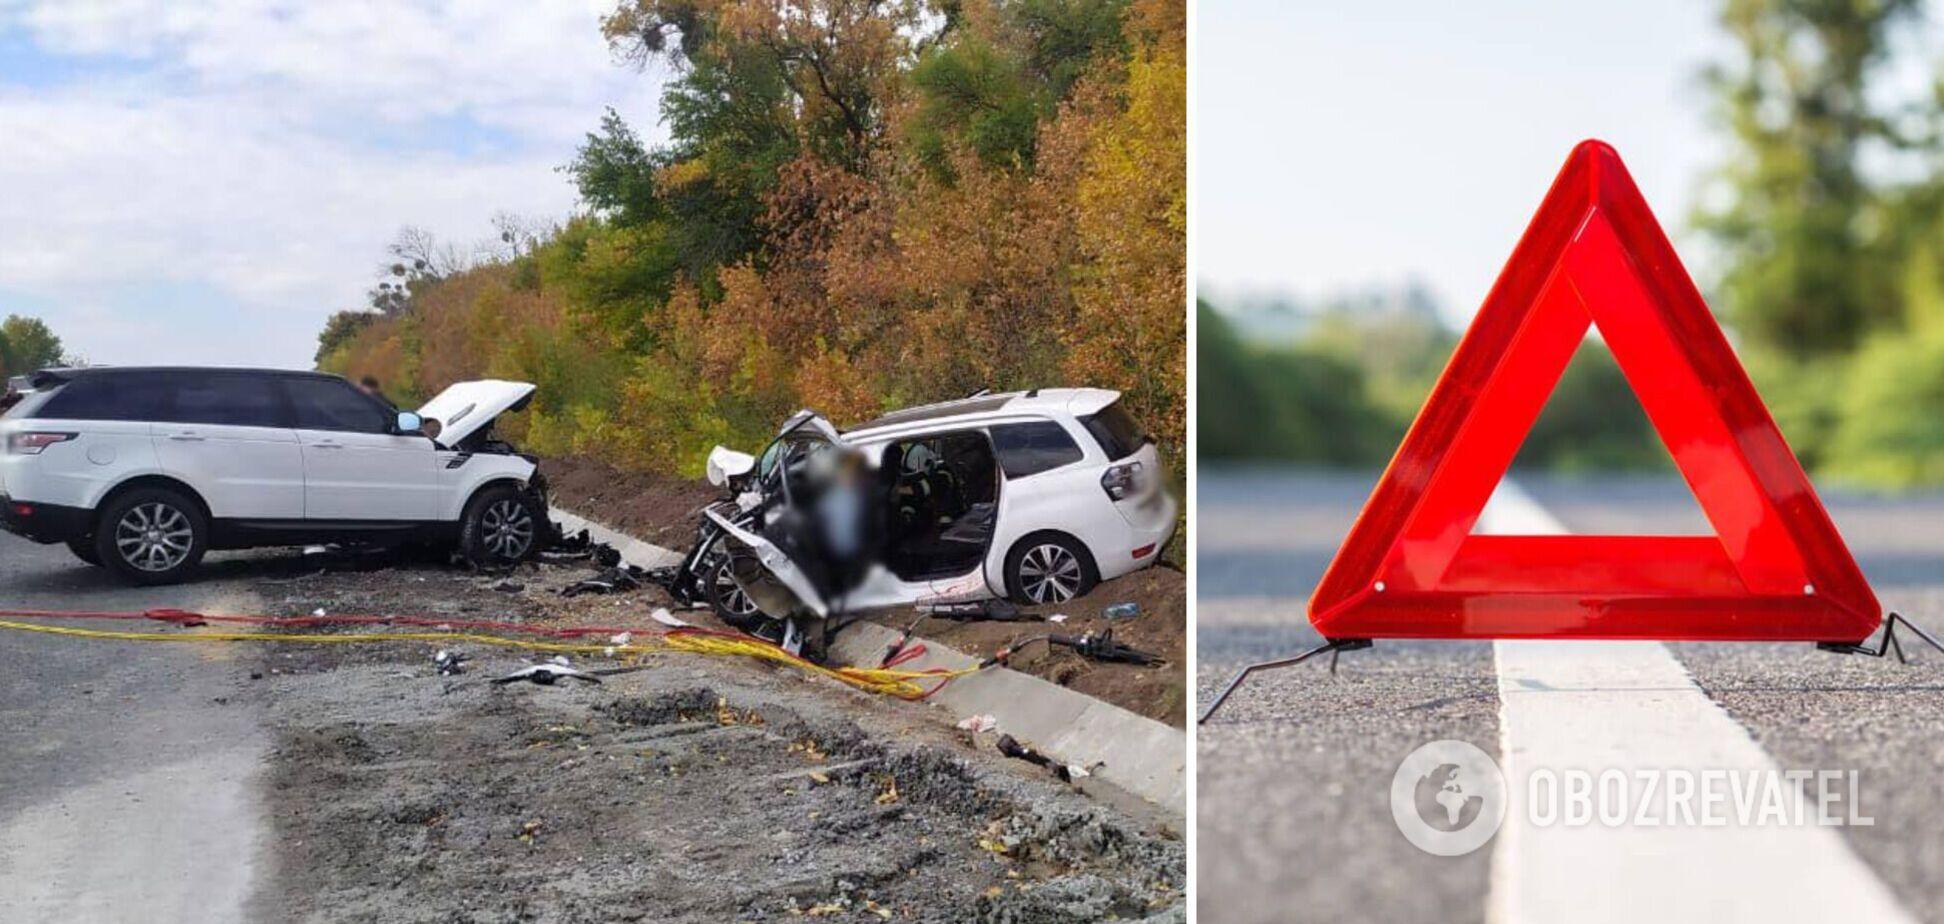 На Черкащині авто вилетіло на зустрічну й влаштувало ДТП: загинули дві людини. Фото